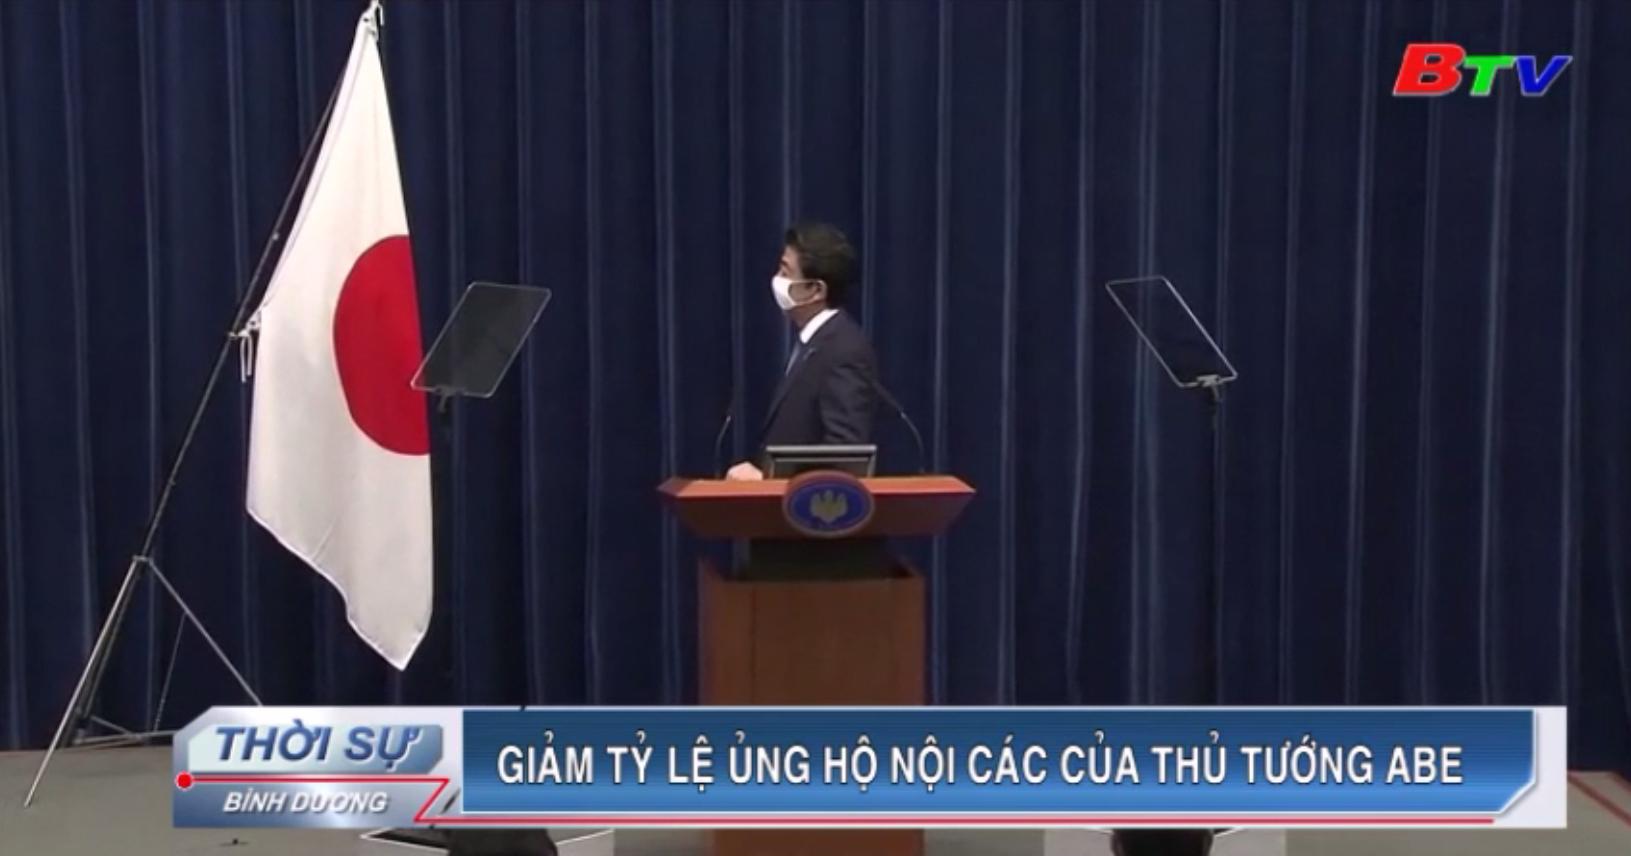 Giảm tỷ lệ ủng hộ nội các của Thủ tướng Abe